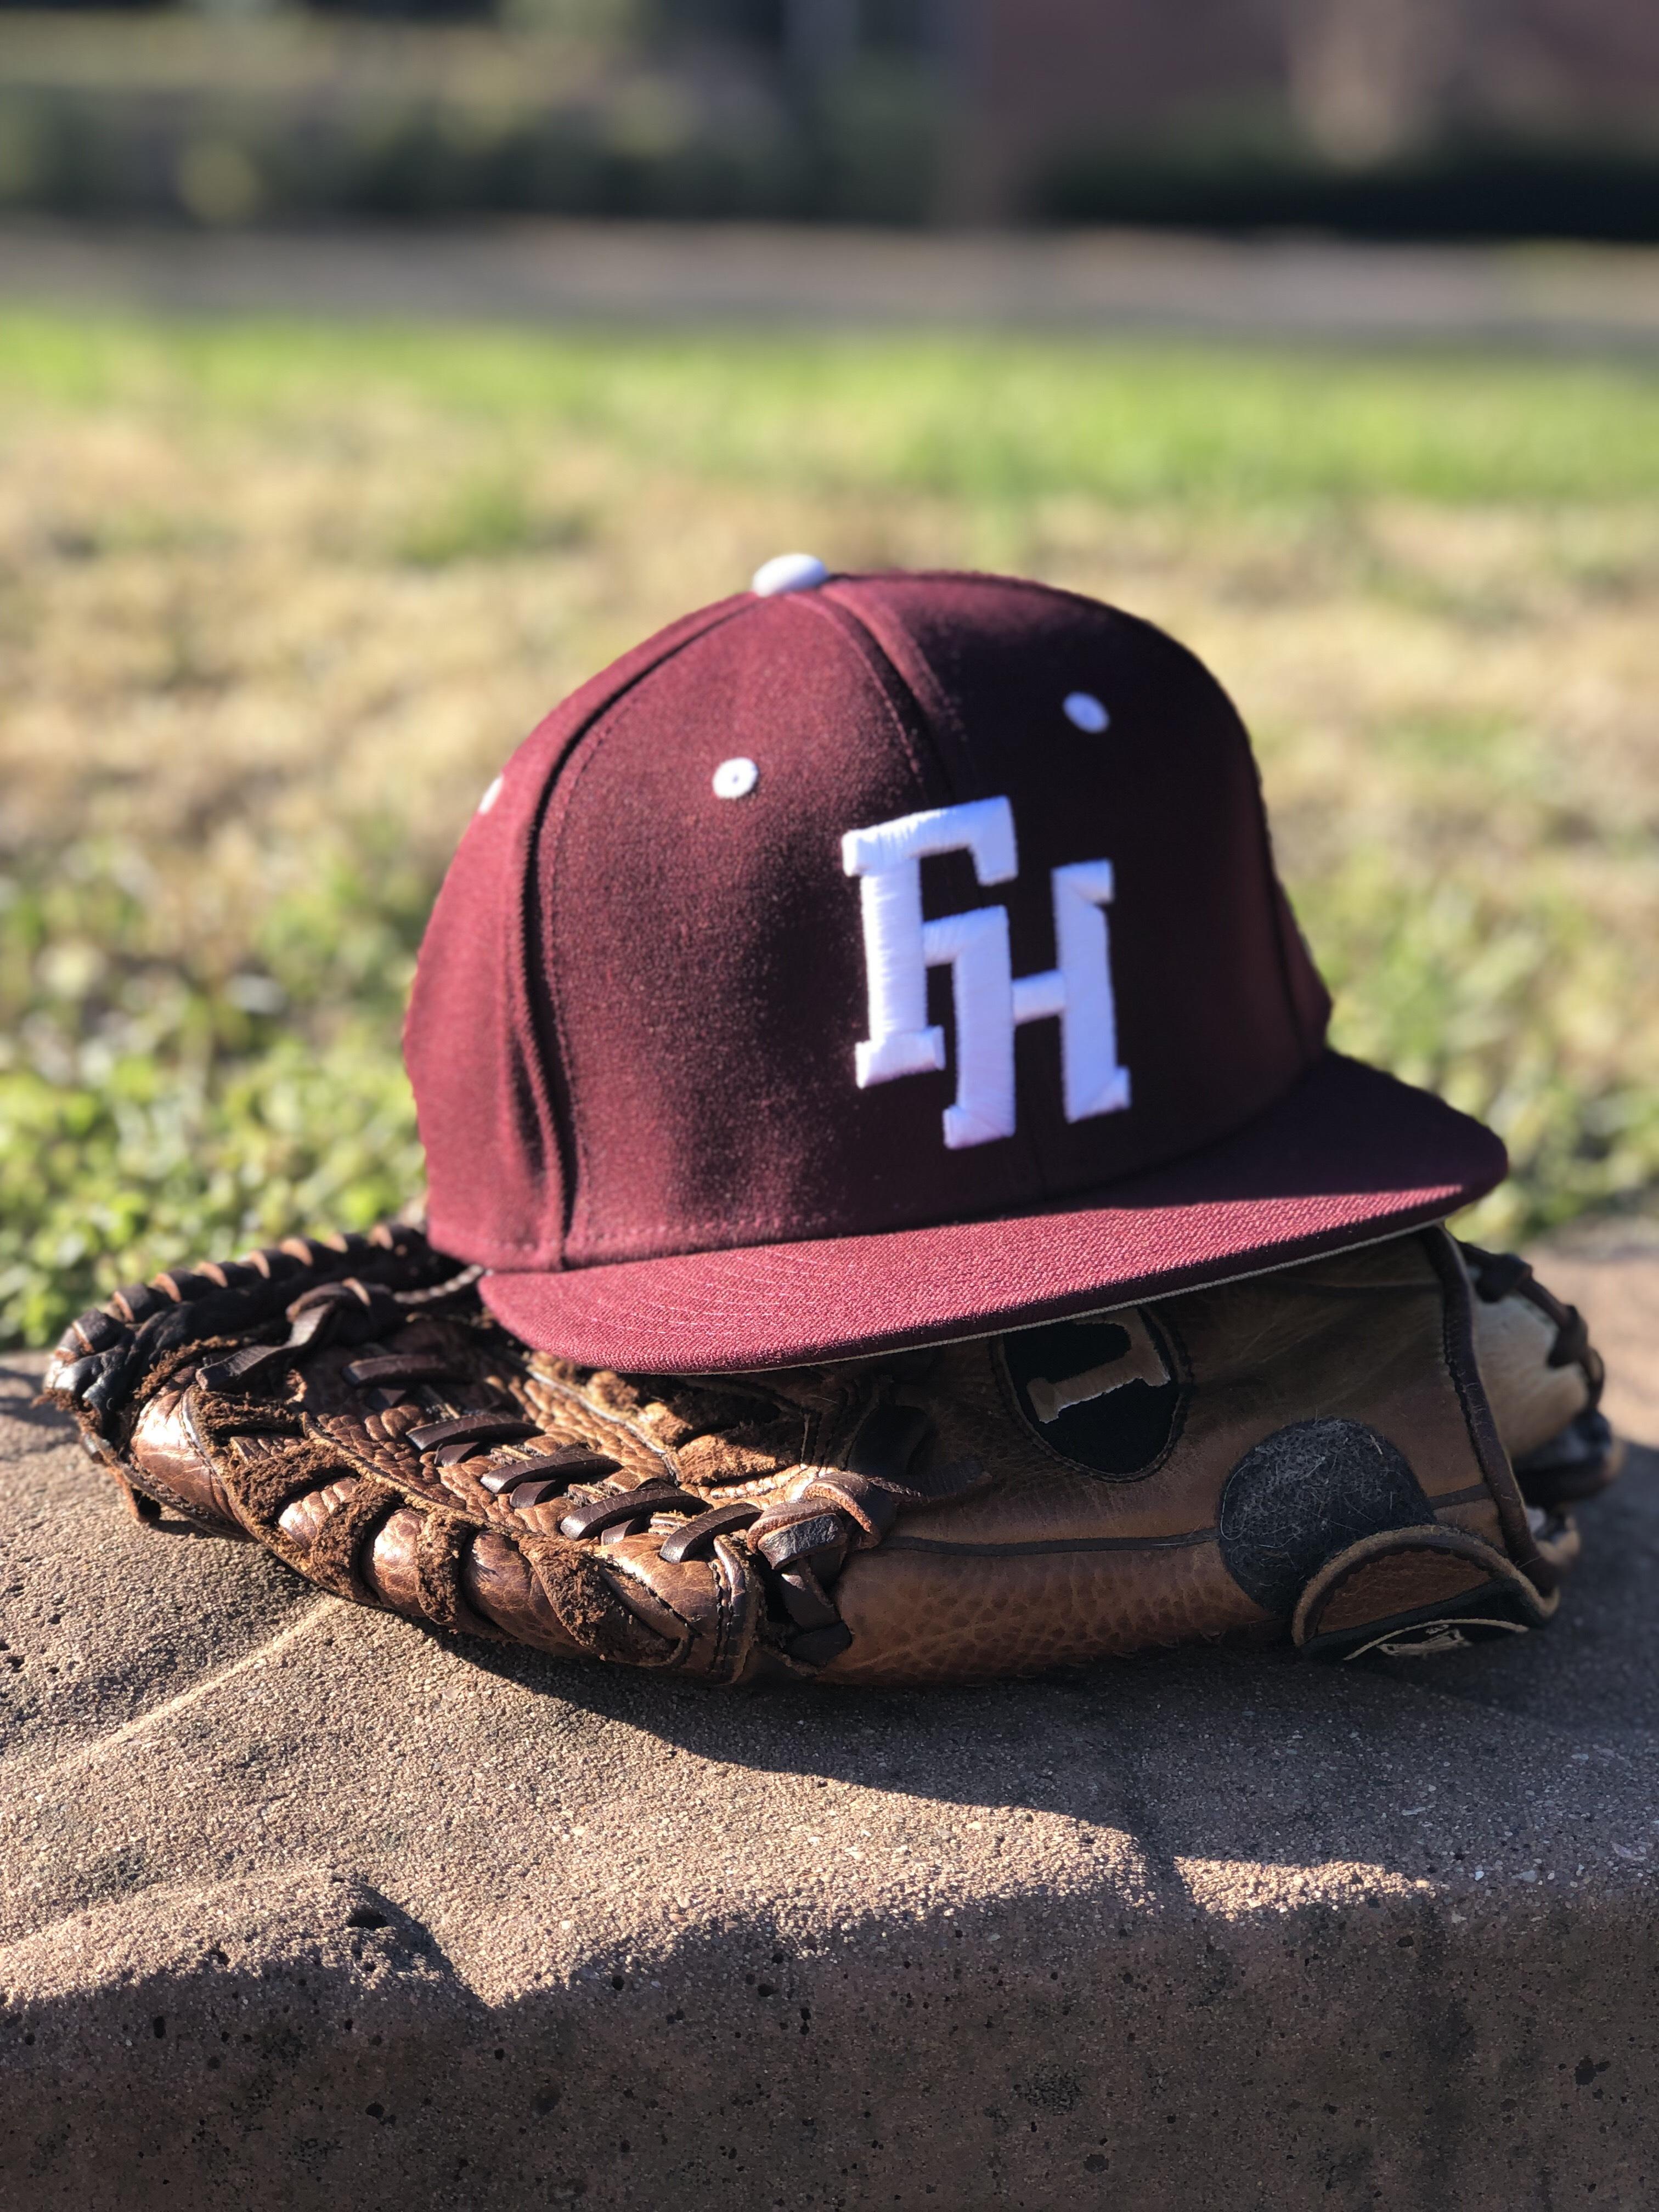 Offical FHU Baseball Team Cap